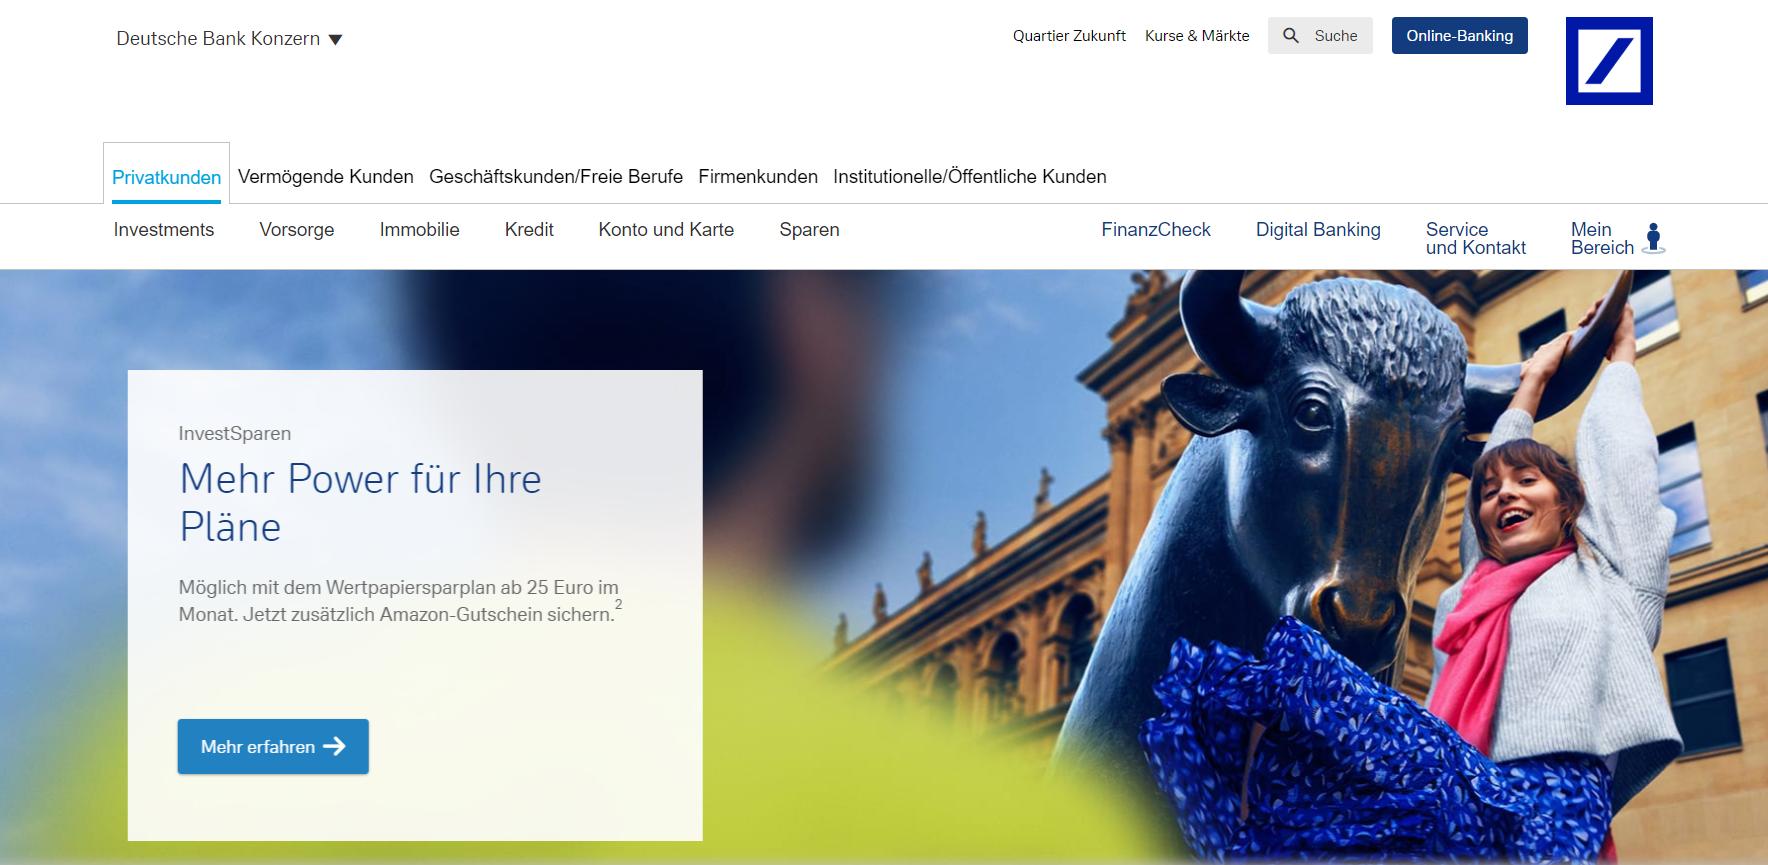 Ein Blick auf die Webseite der Deutschen Bank